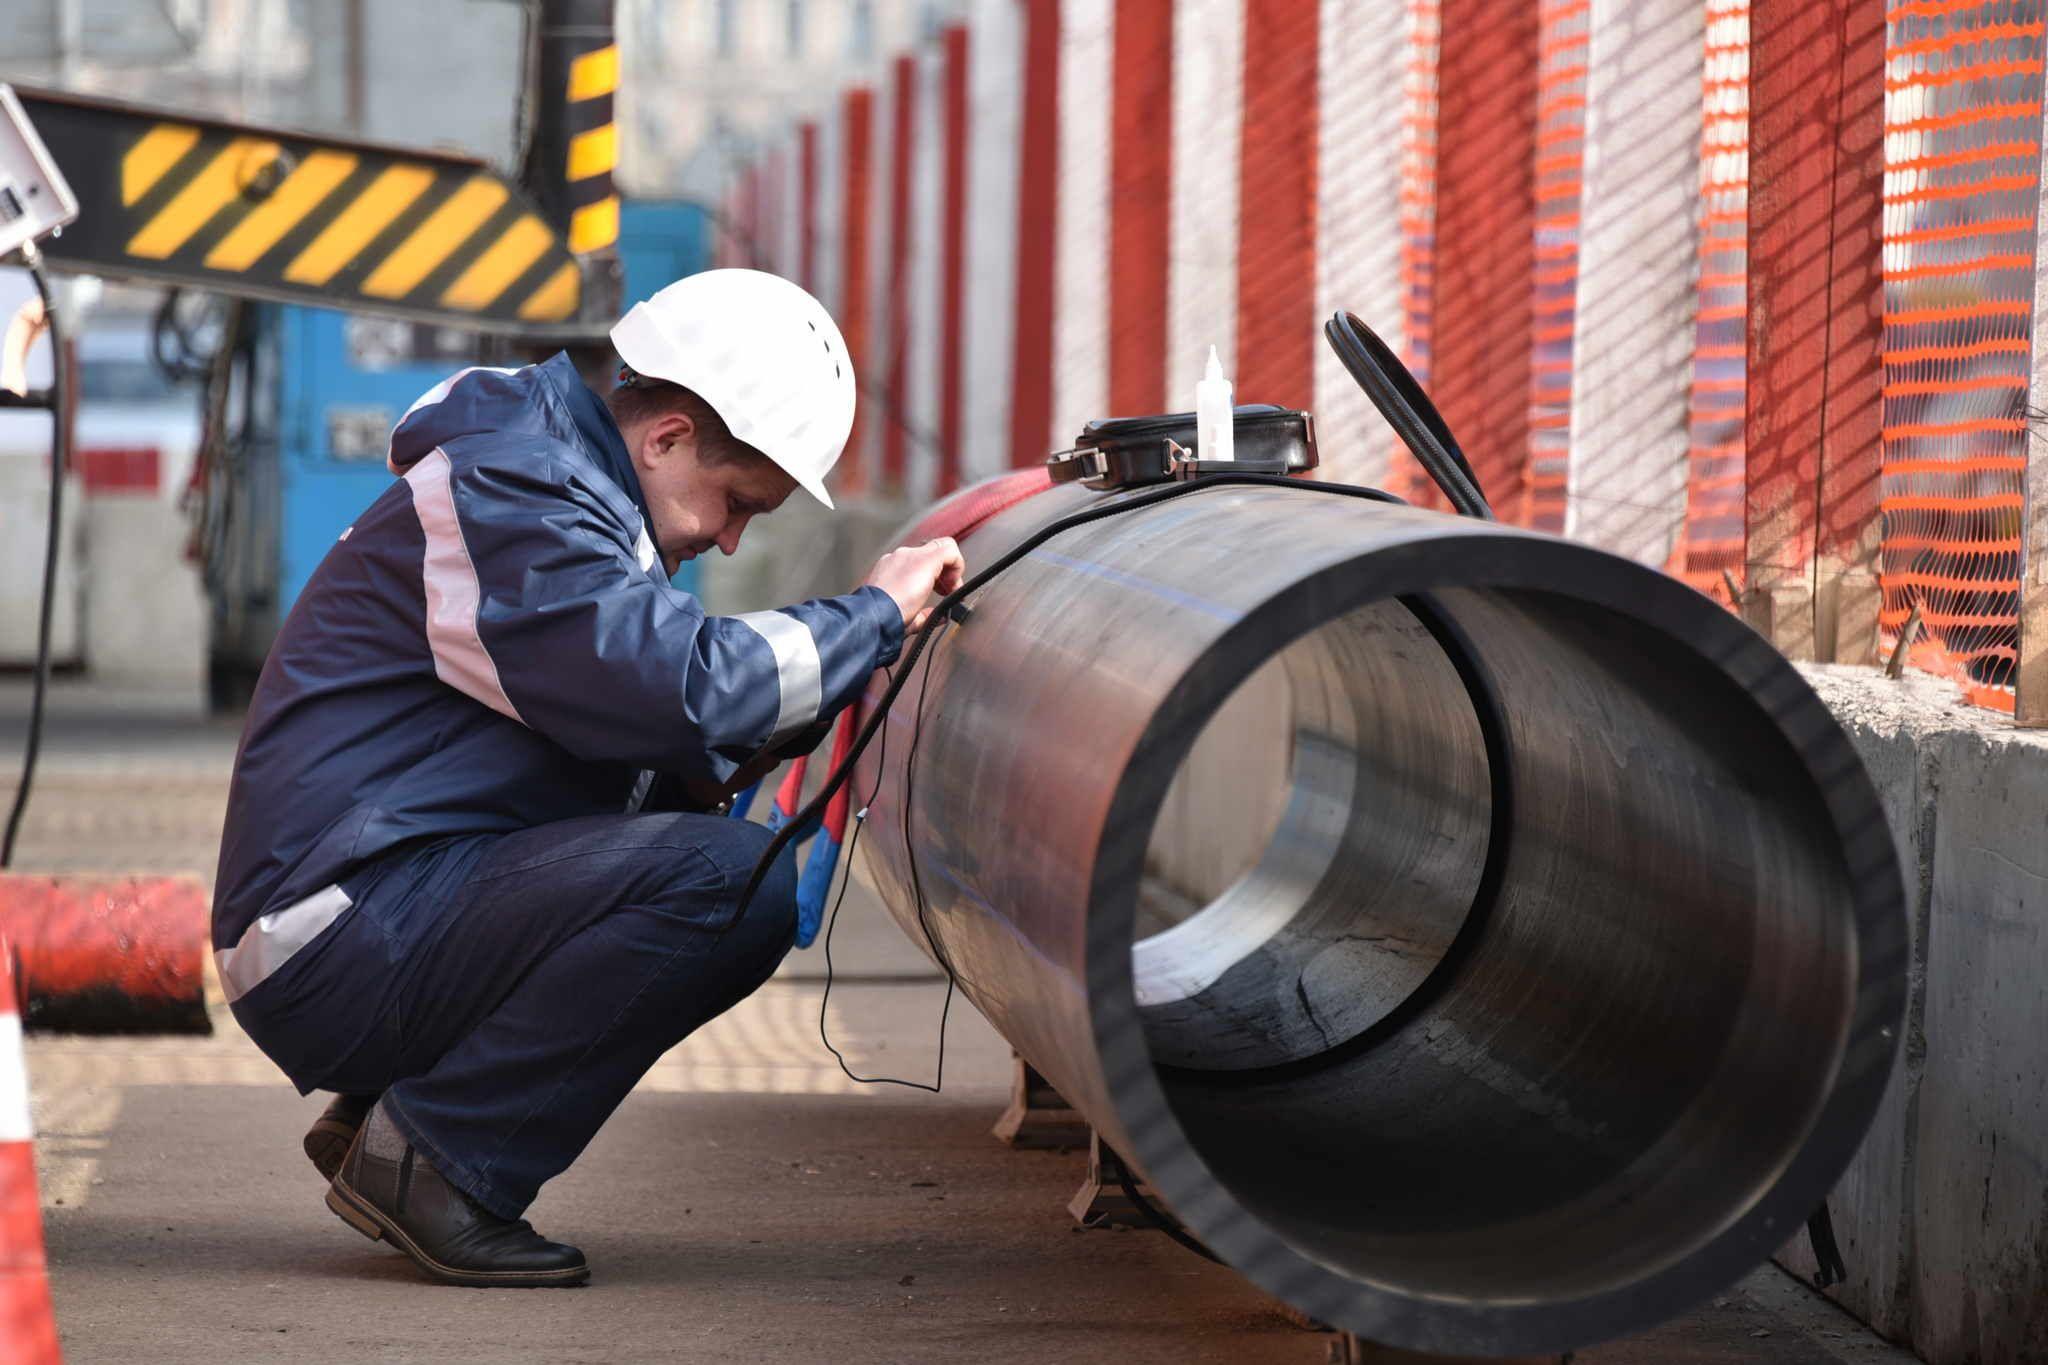 Москва получит 1,5 тысячи километров энергосетей за 2019 год